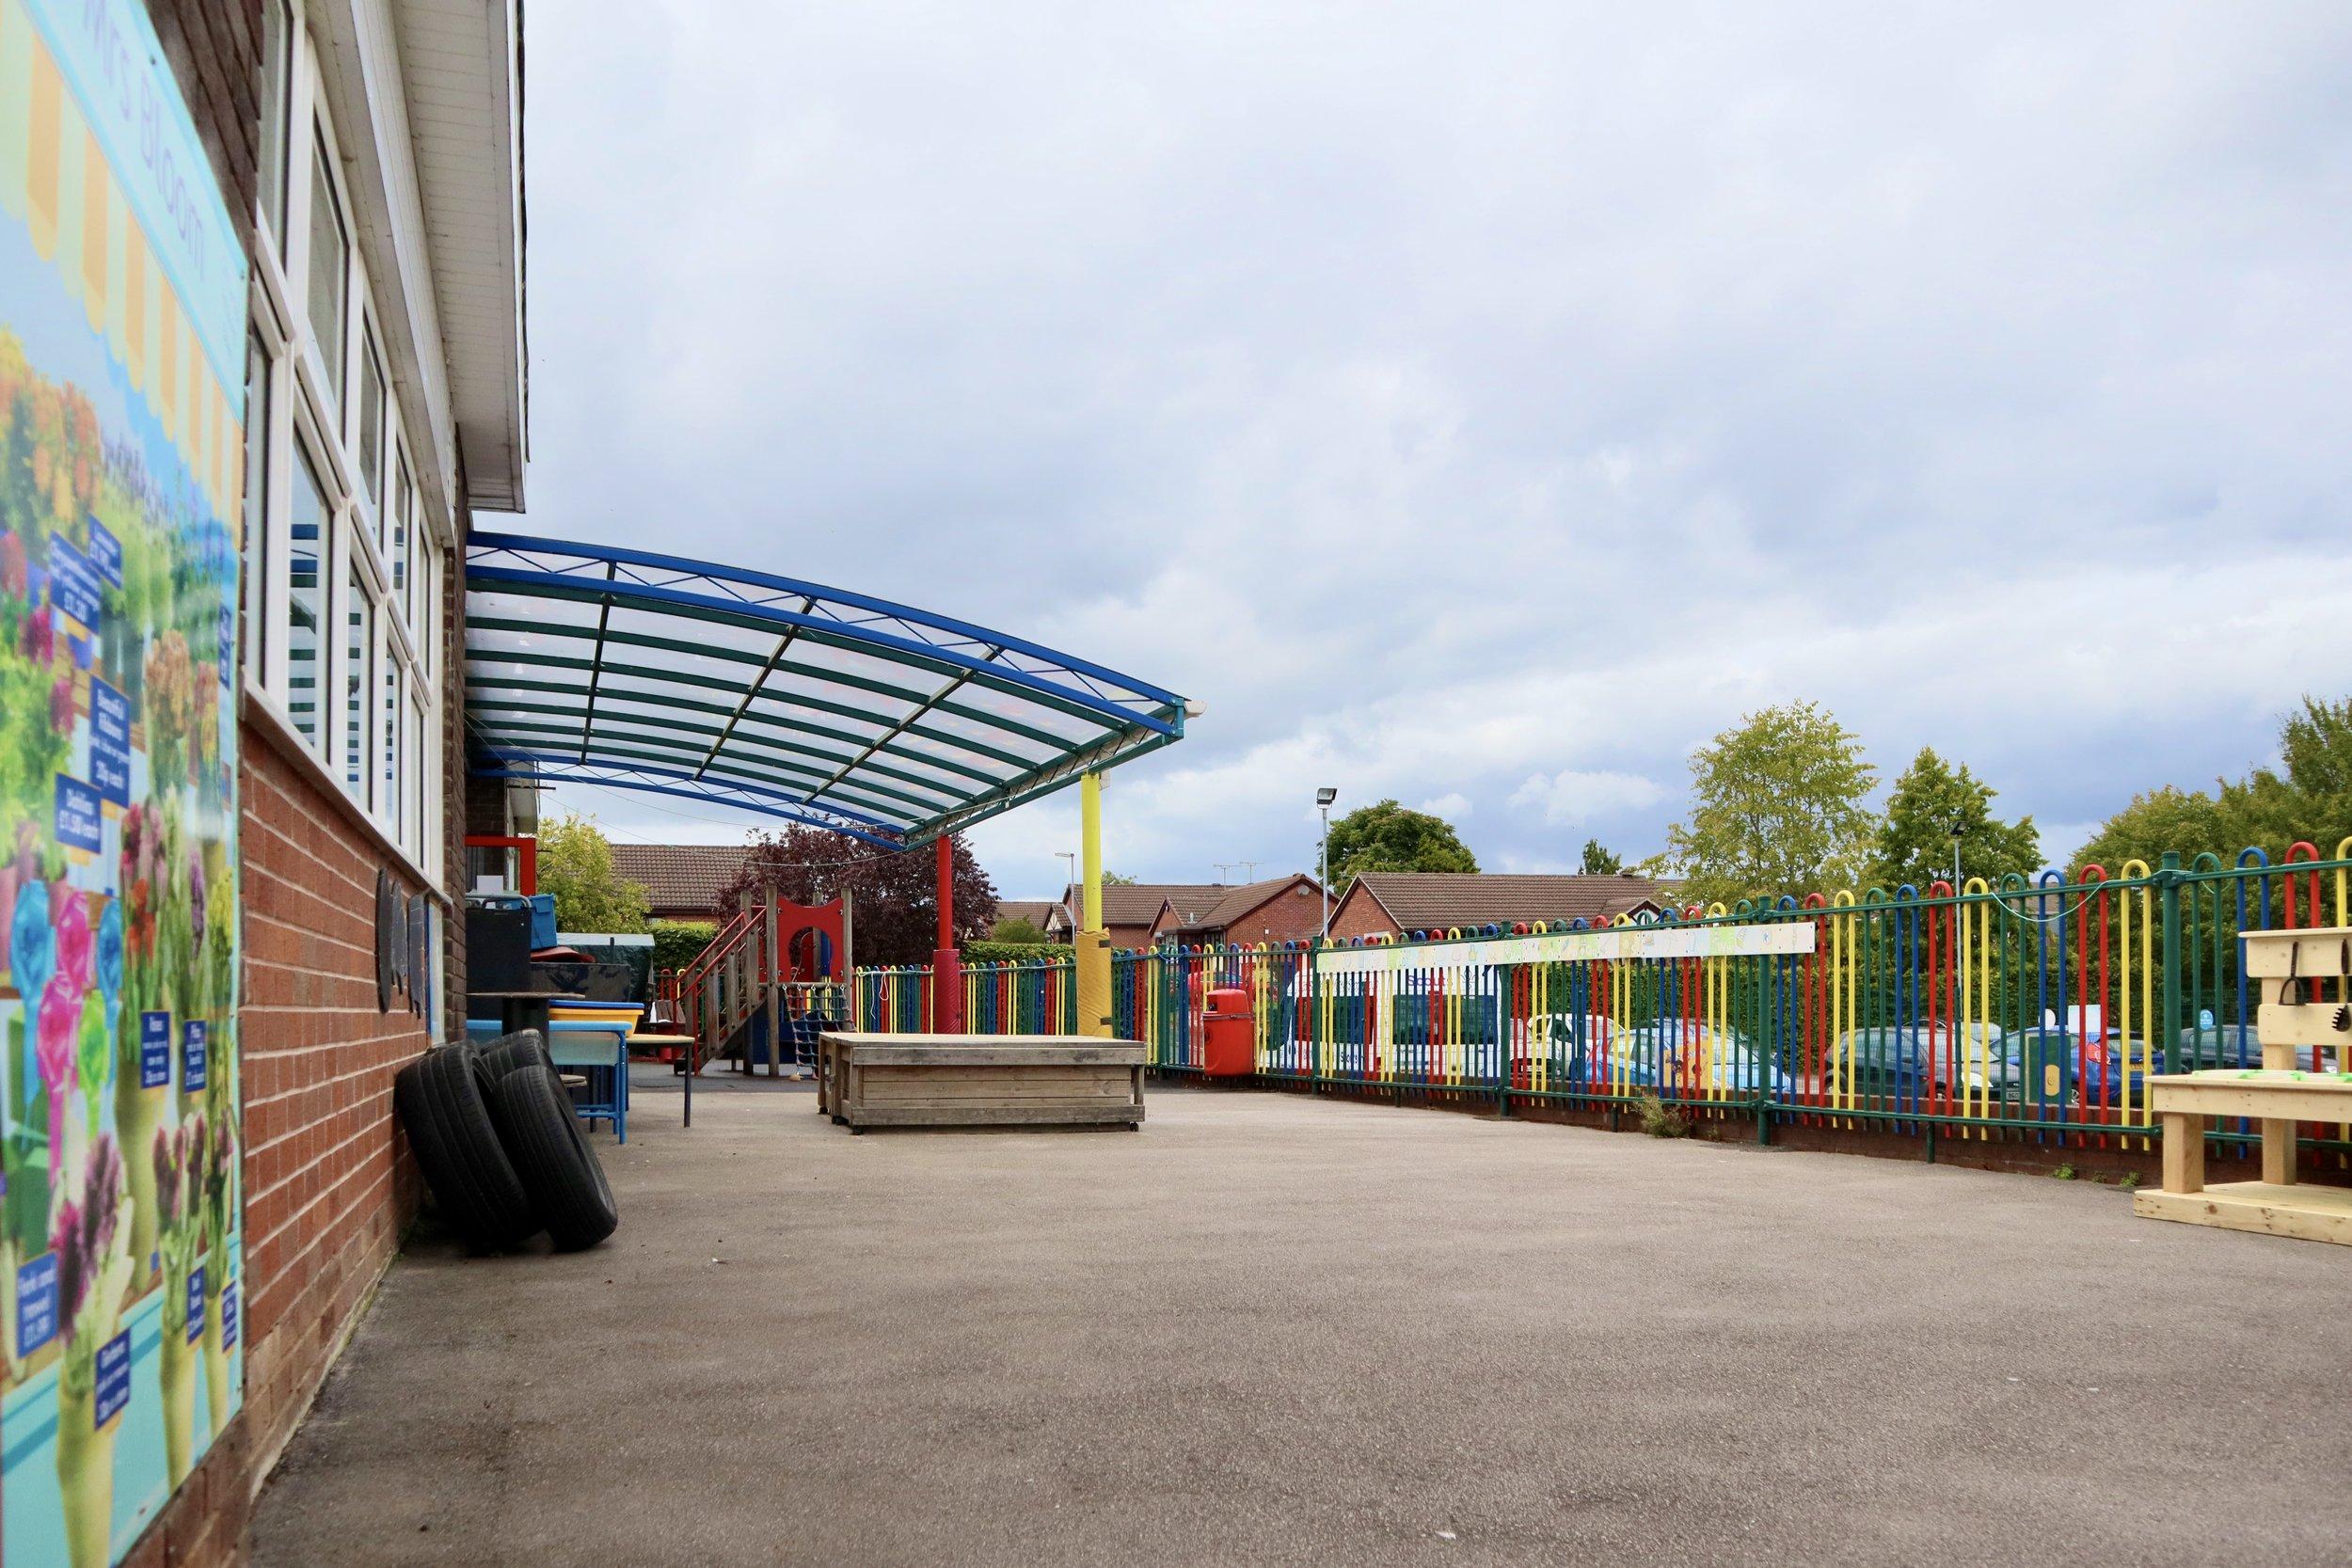 Reception class outdoor area